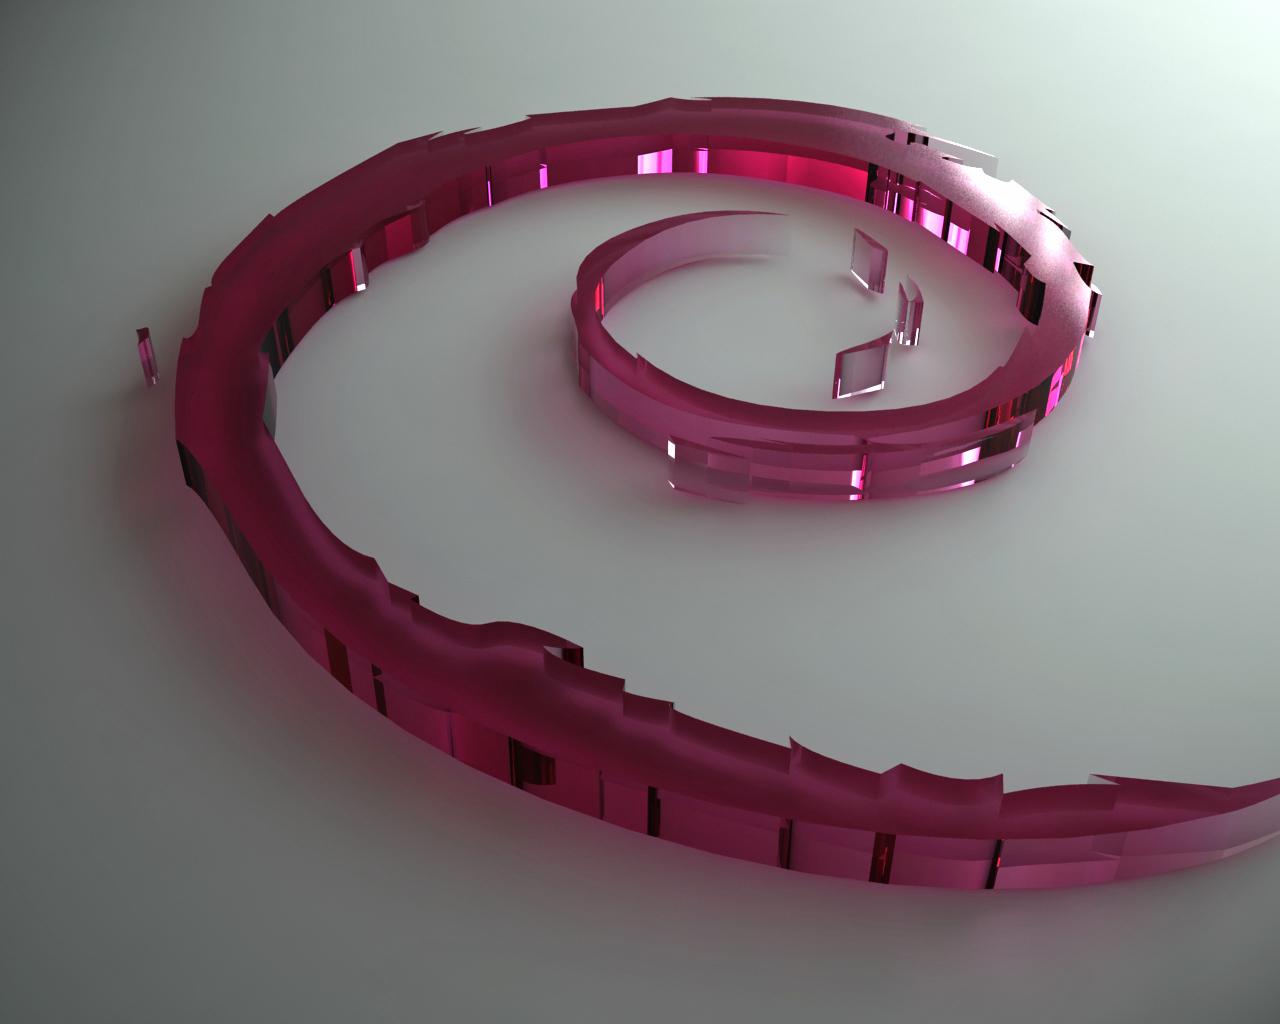 http://2.bp.blogspot.com/_579QThLM5tM/TIyZMu5VmcI/AAAAAAAAApk/l4wtjfXZiZM/s1600/wallpaper_coloredglass_debian_1280x1024.jpg